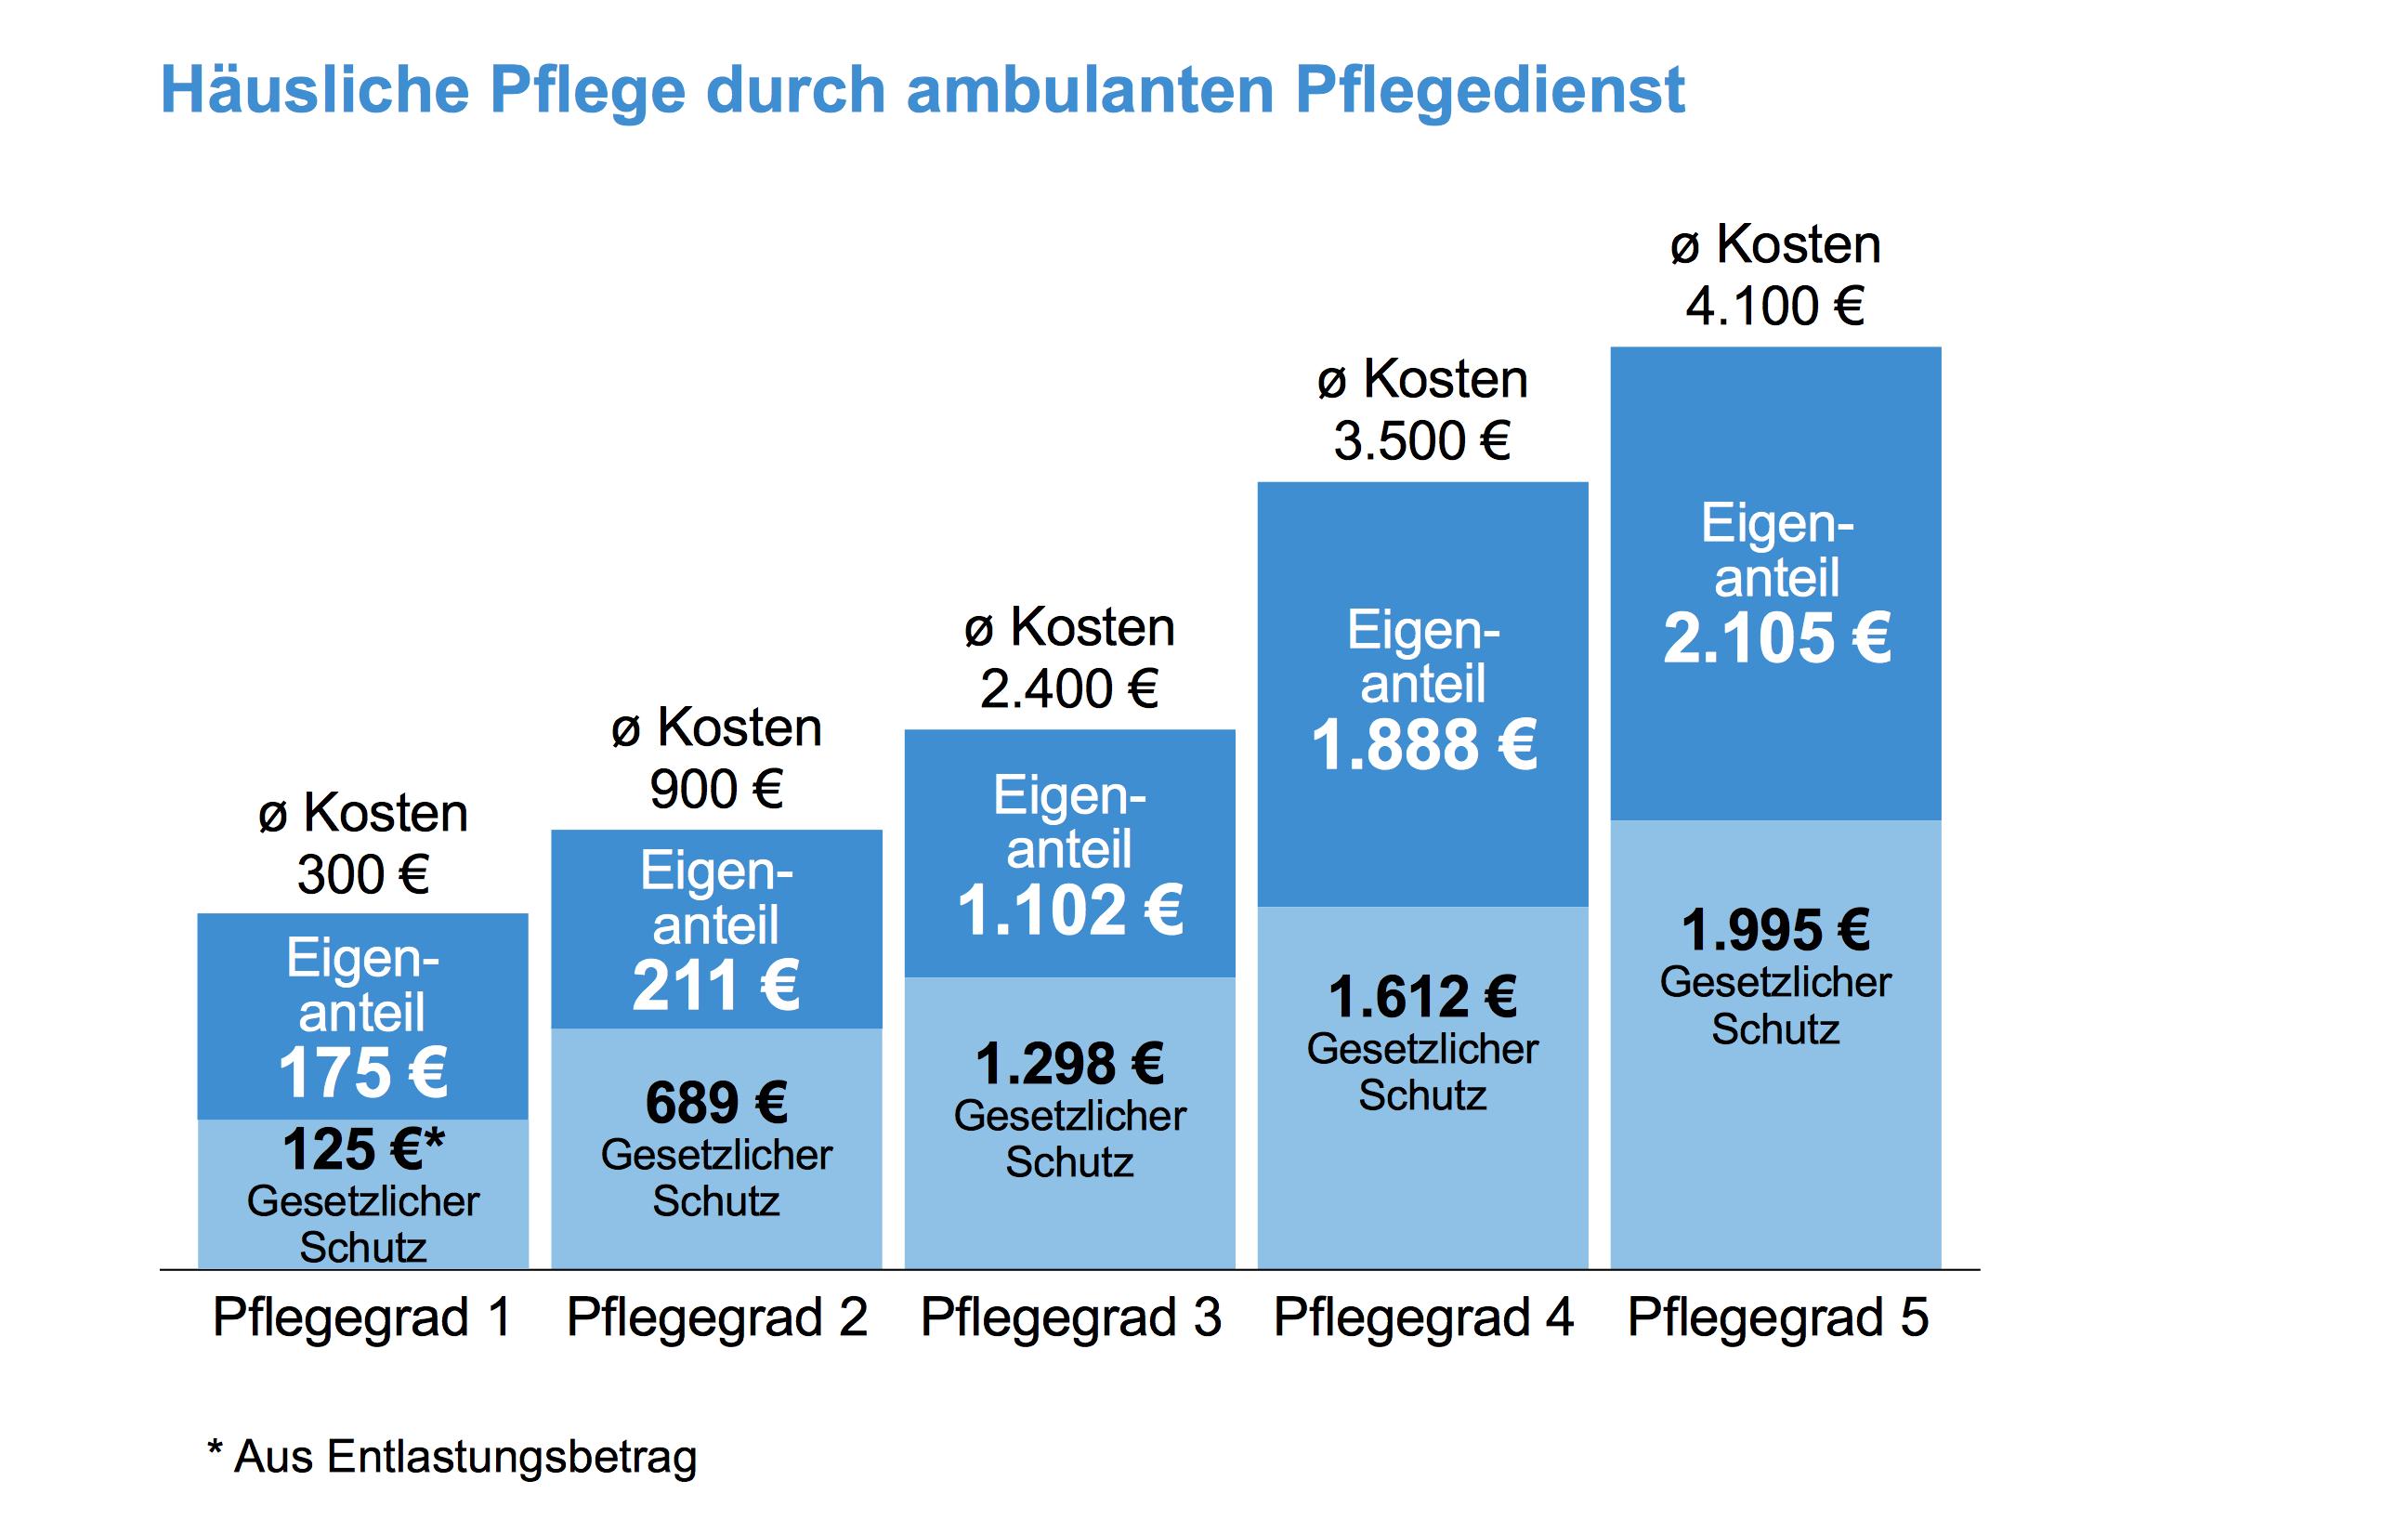 Durchschnittliche ambulante Pflegekosten